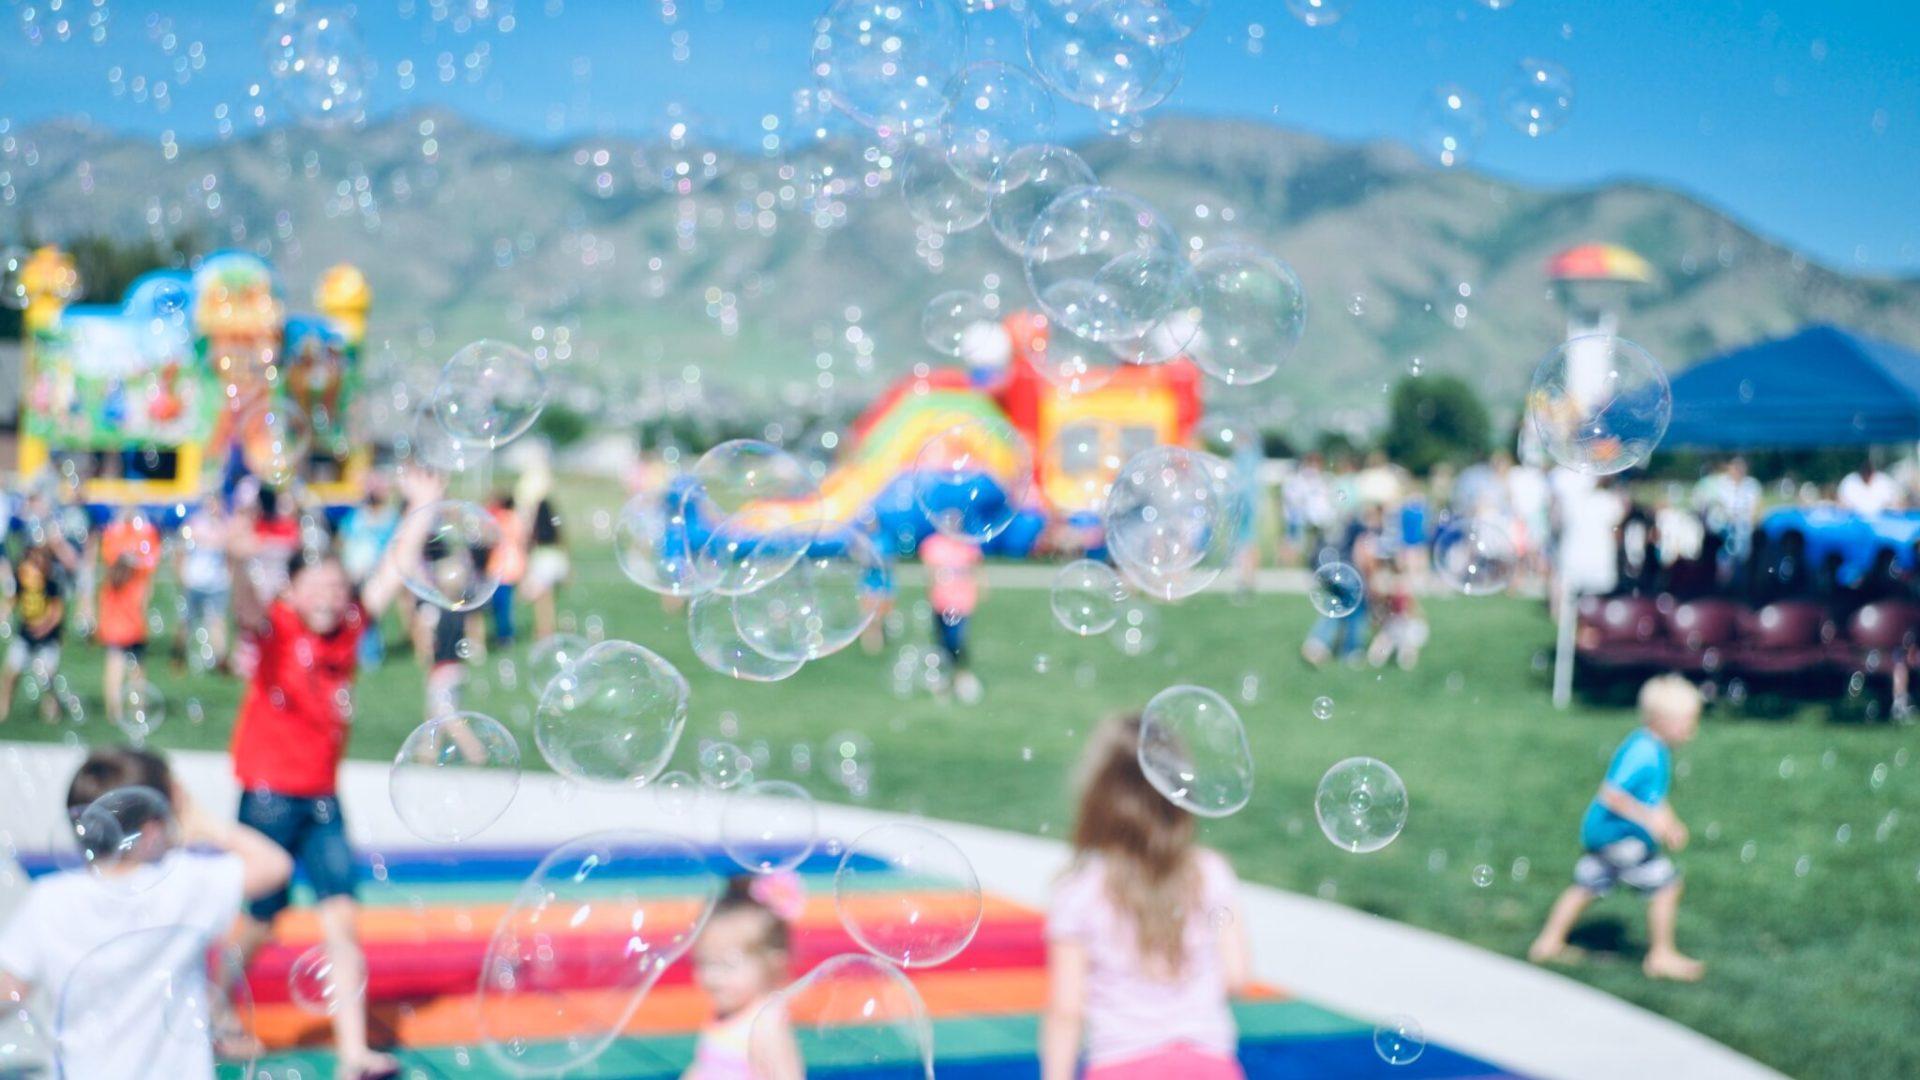 Vijf challenges voor een zomer vol impact